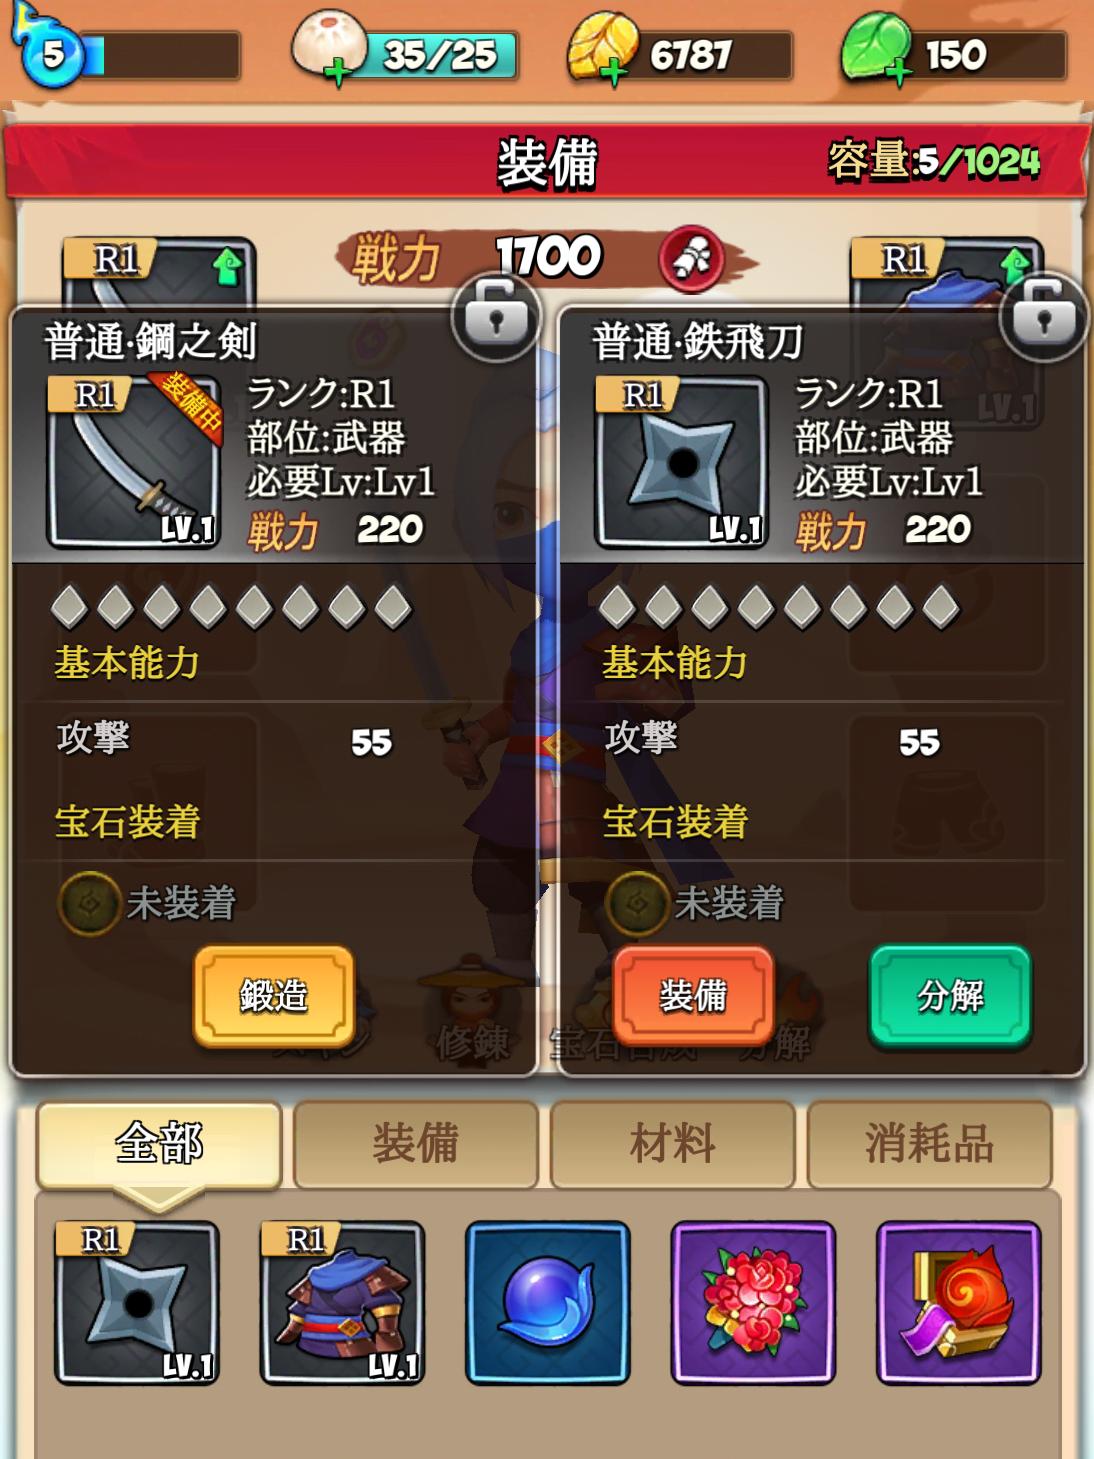 勇者クライシス 武器おすすめ最強ランキング!